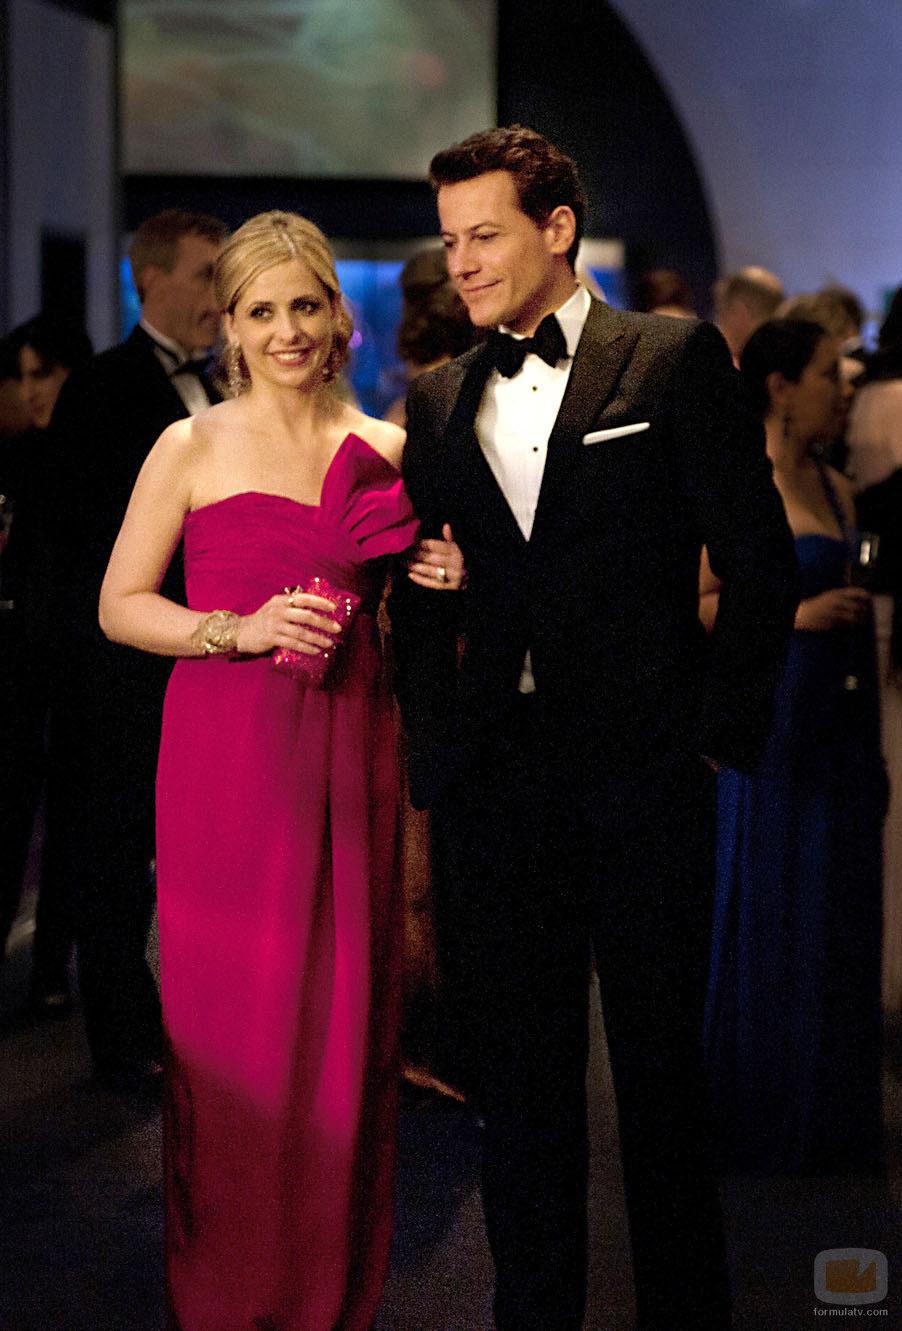 Siobhan (Bridget) y su marido Andrew acuden a una fiesta